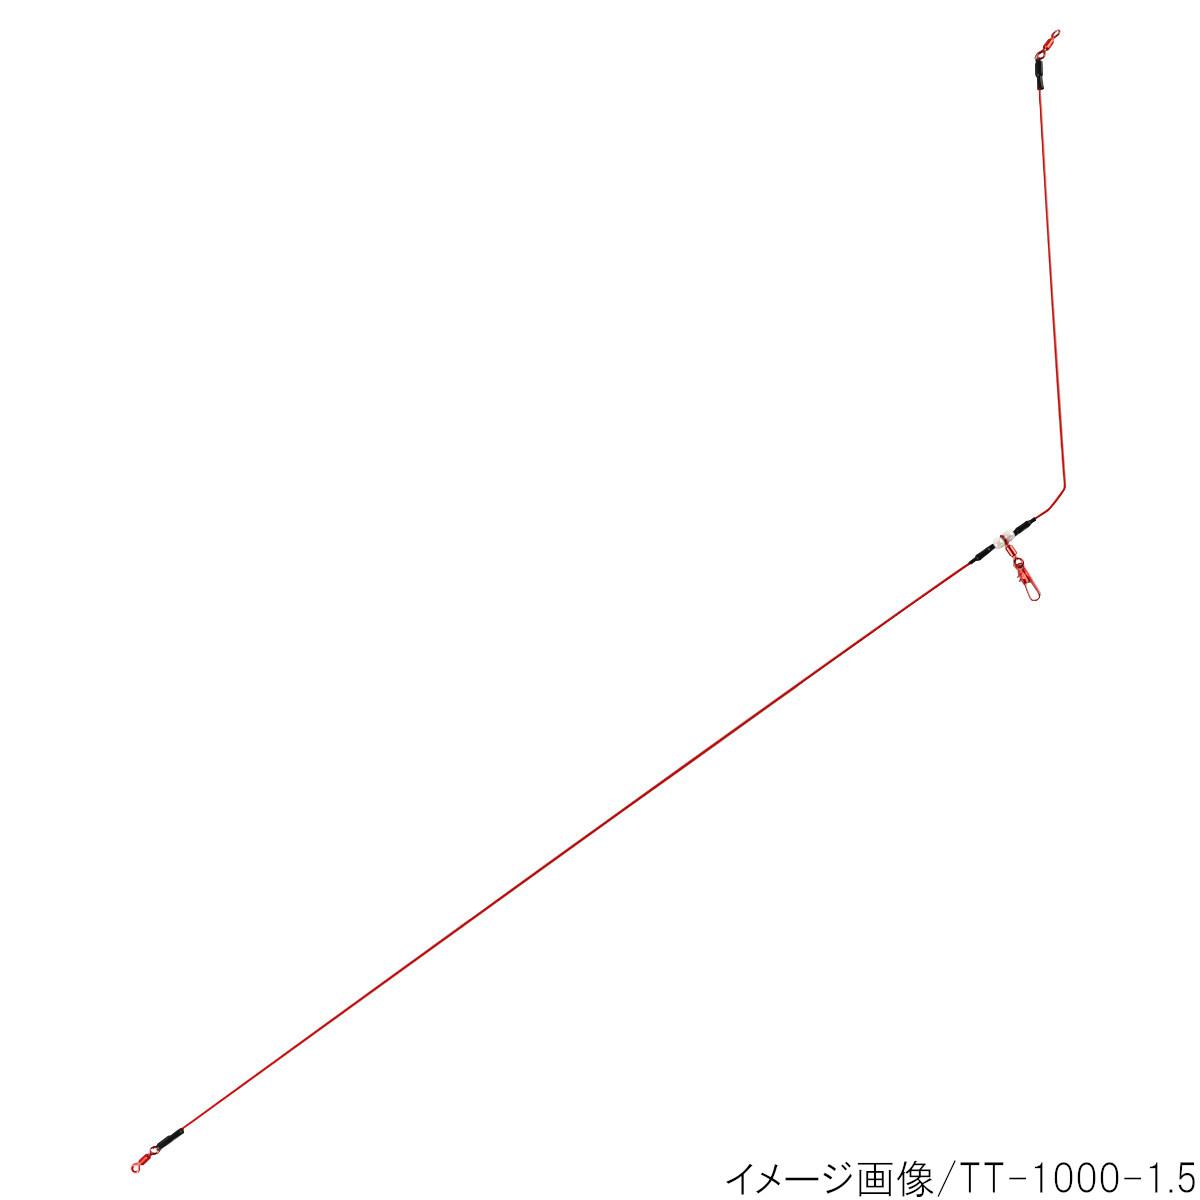 最安値挑戦 夢の天秤 ポイントオリジナル天秤 人気 おすすめ TT-700-1.0